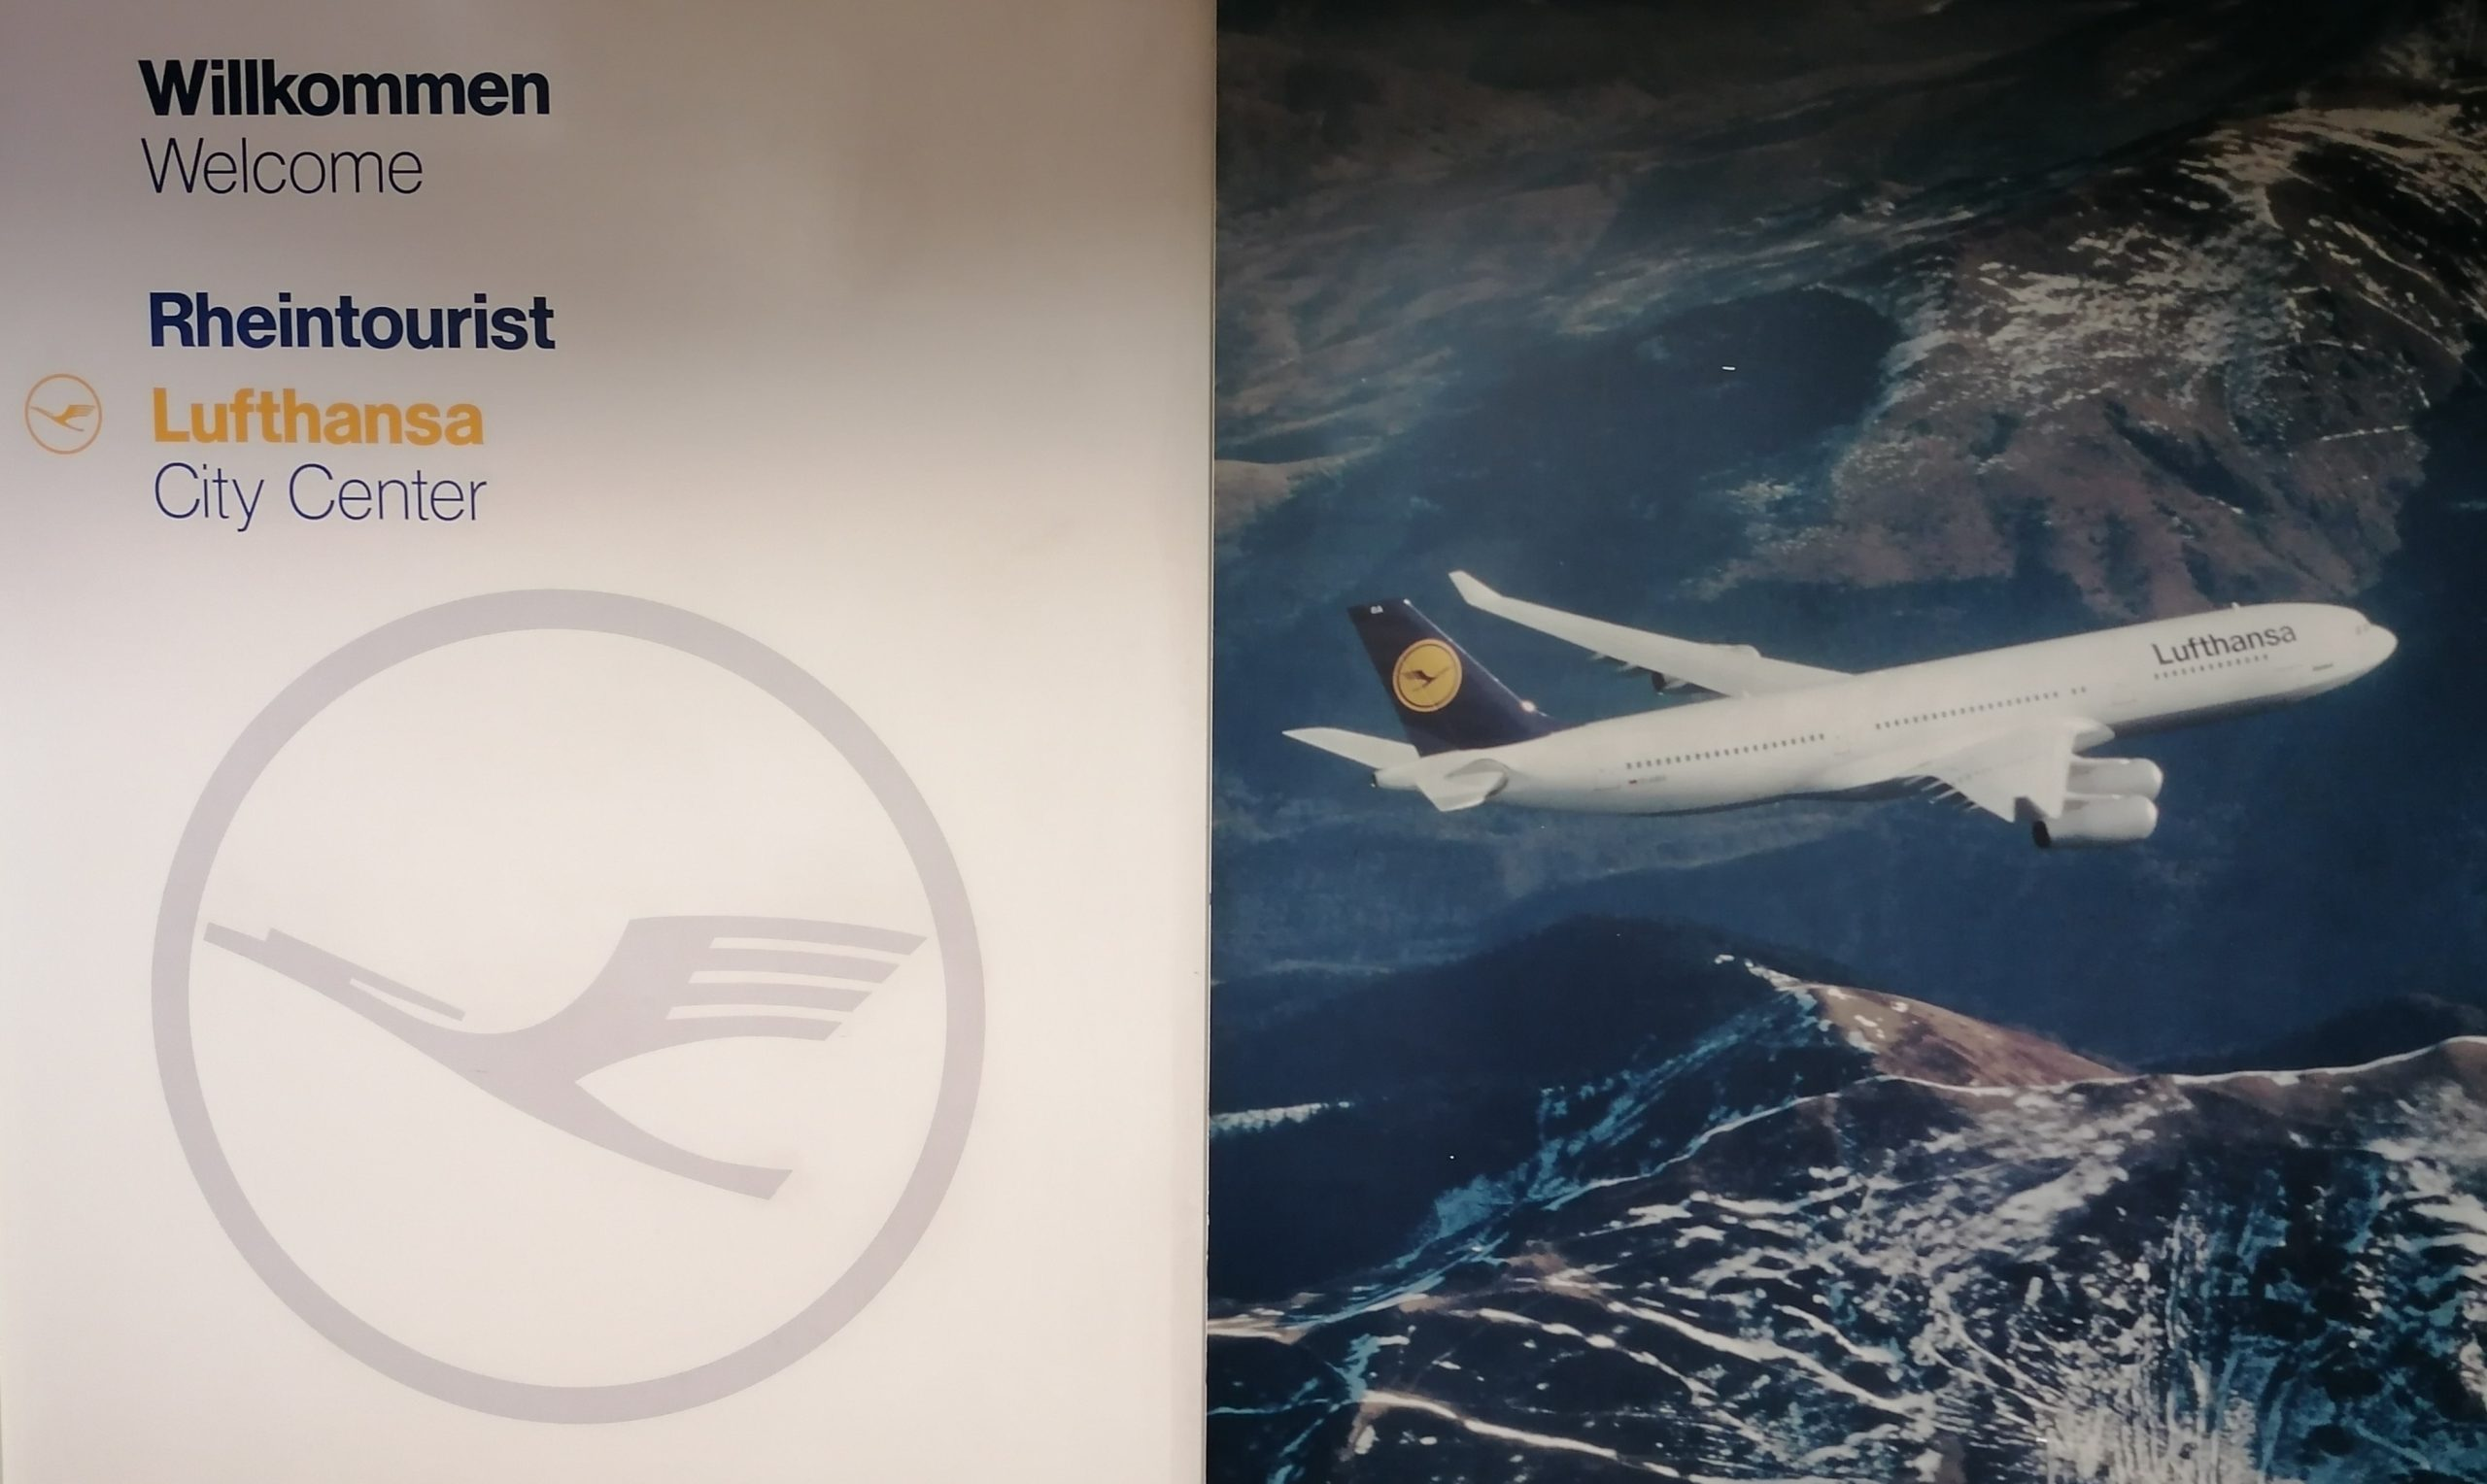 Lufthansa City Center Rheintourist